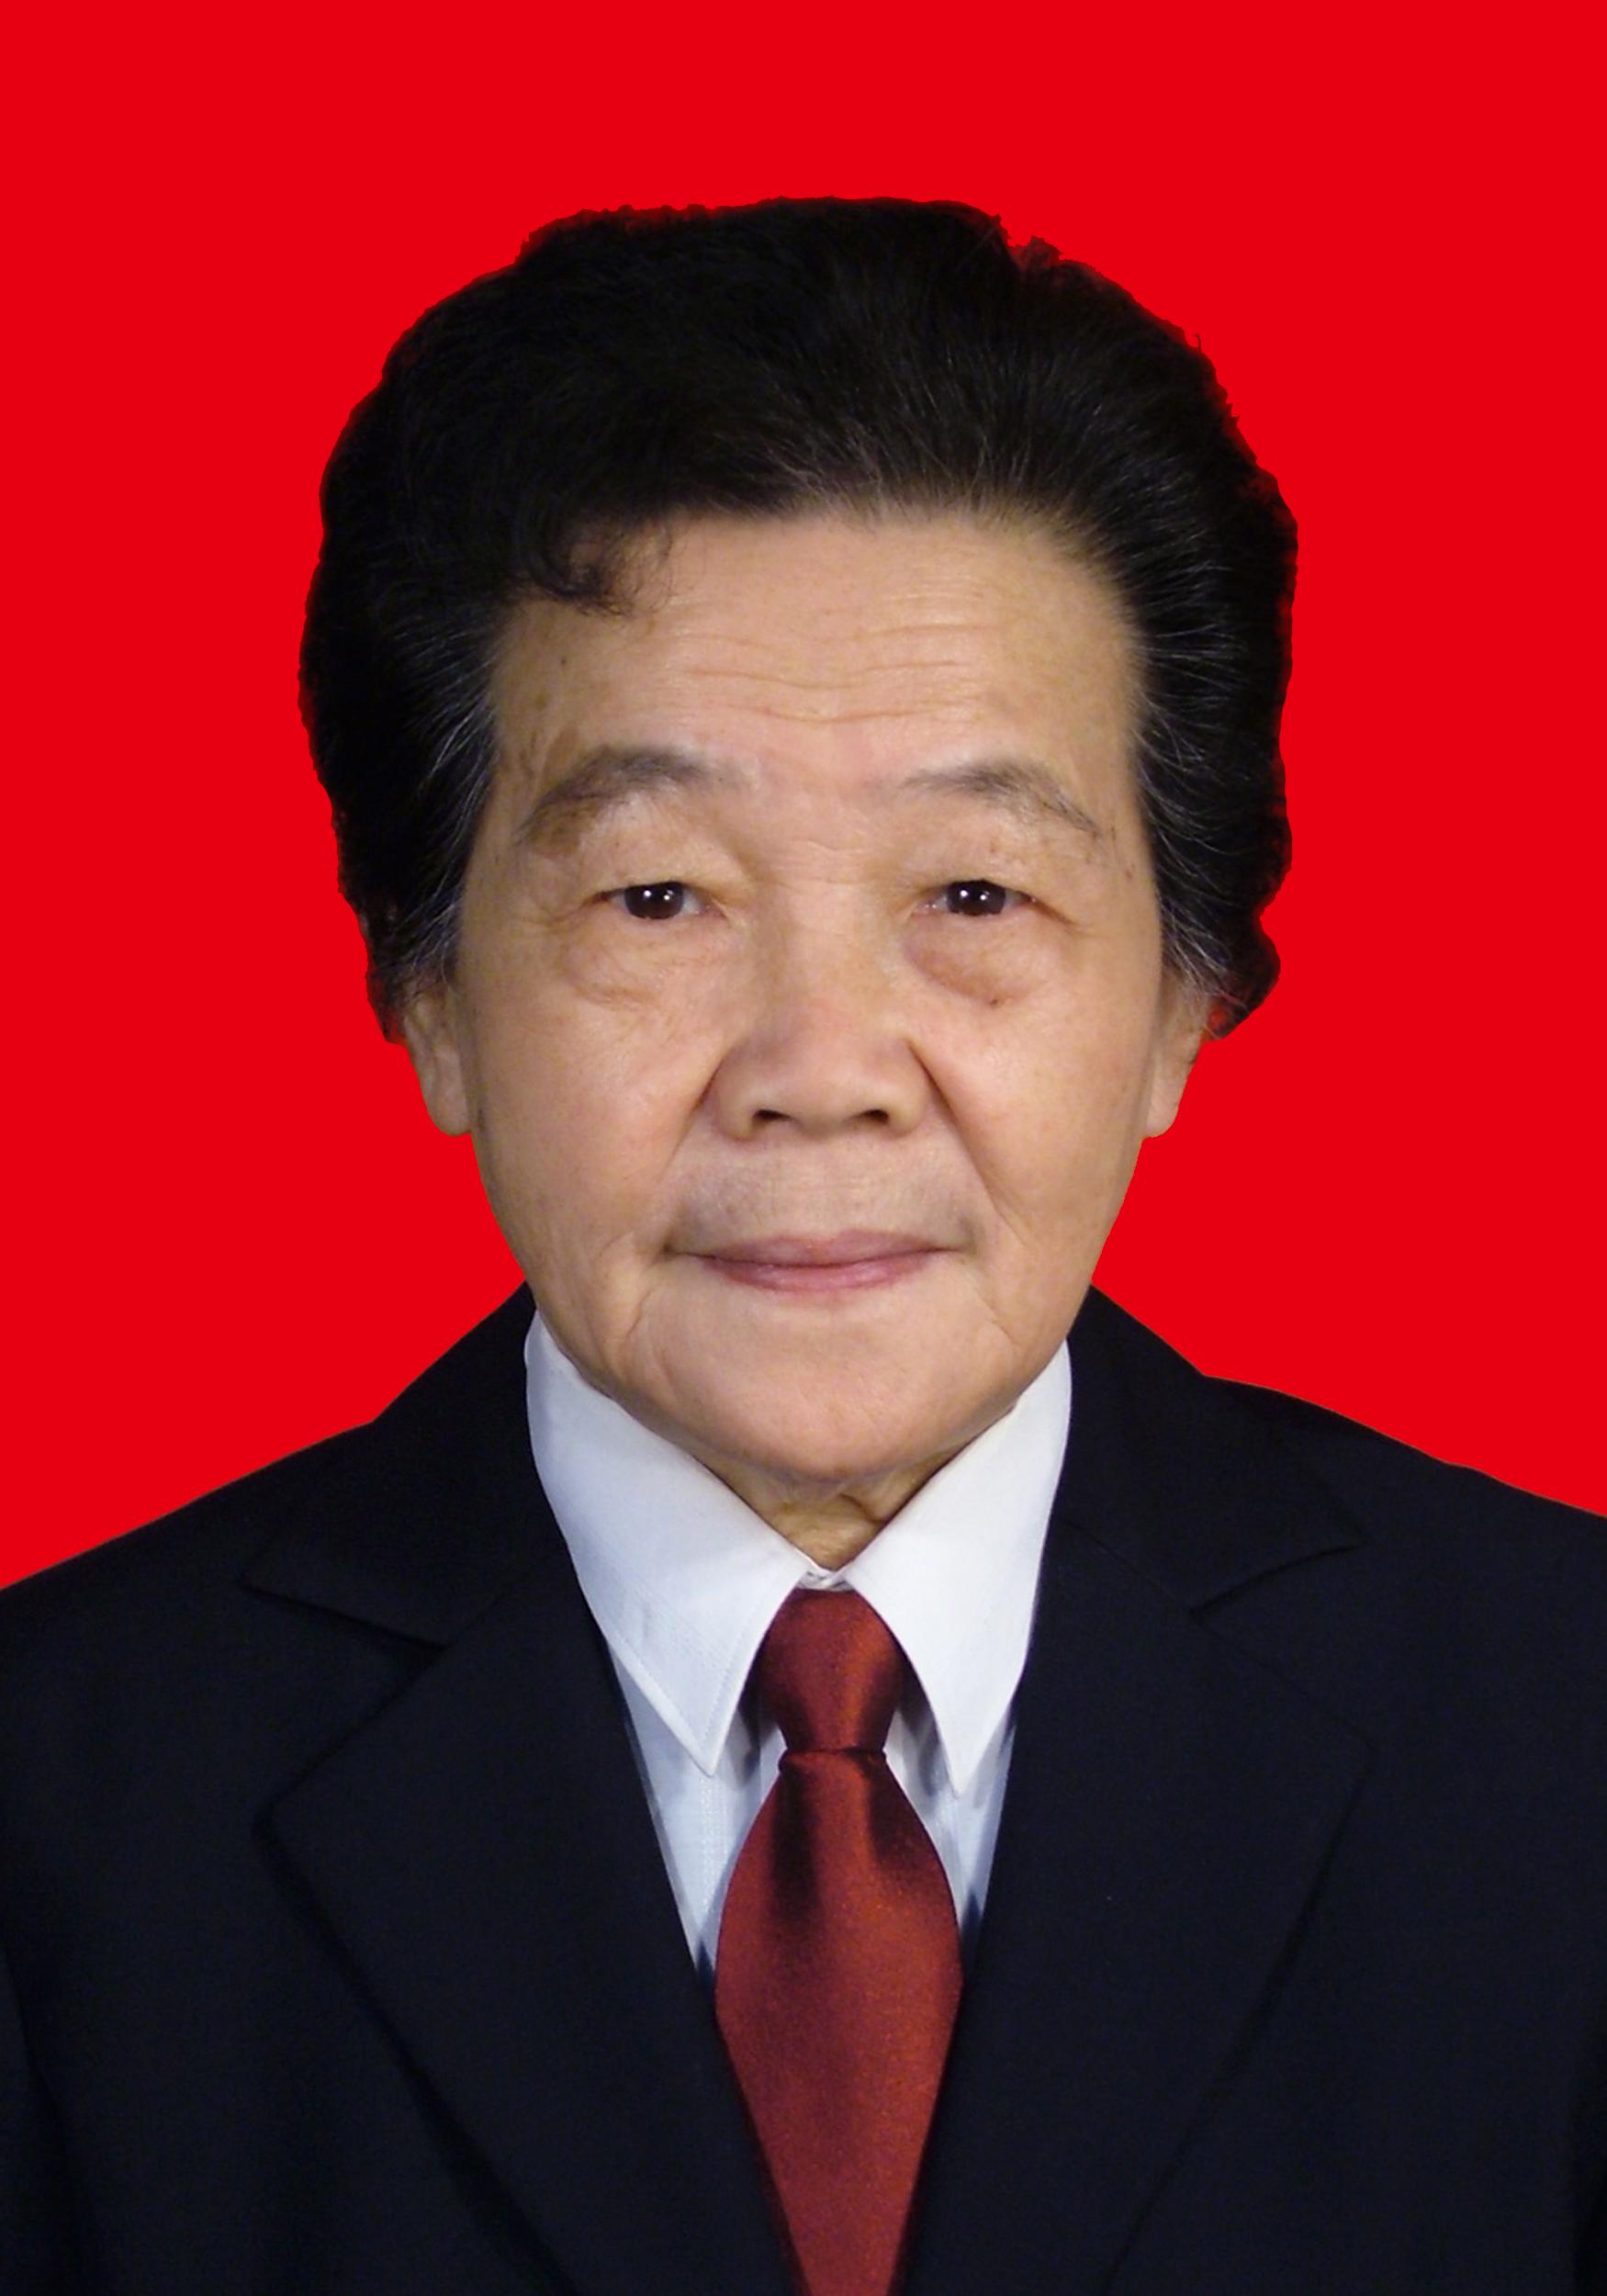 伍璇华福建省立医院消化内科网上预约挂号